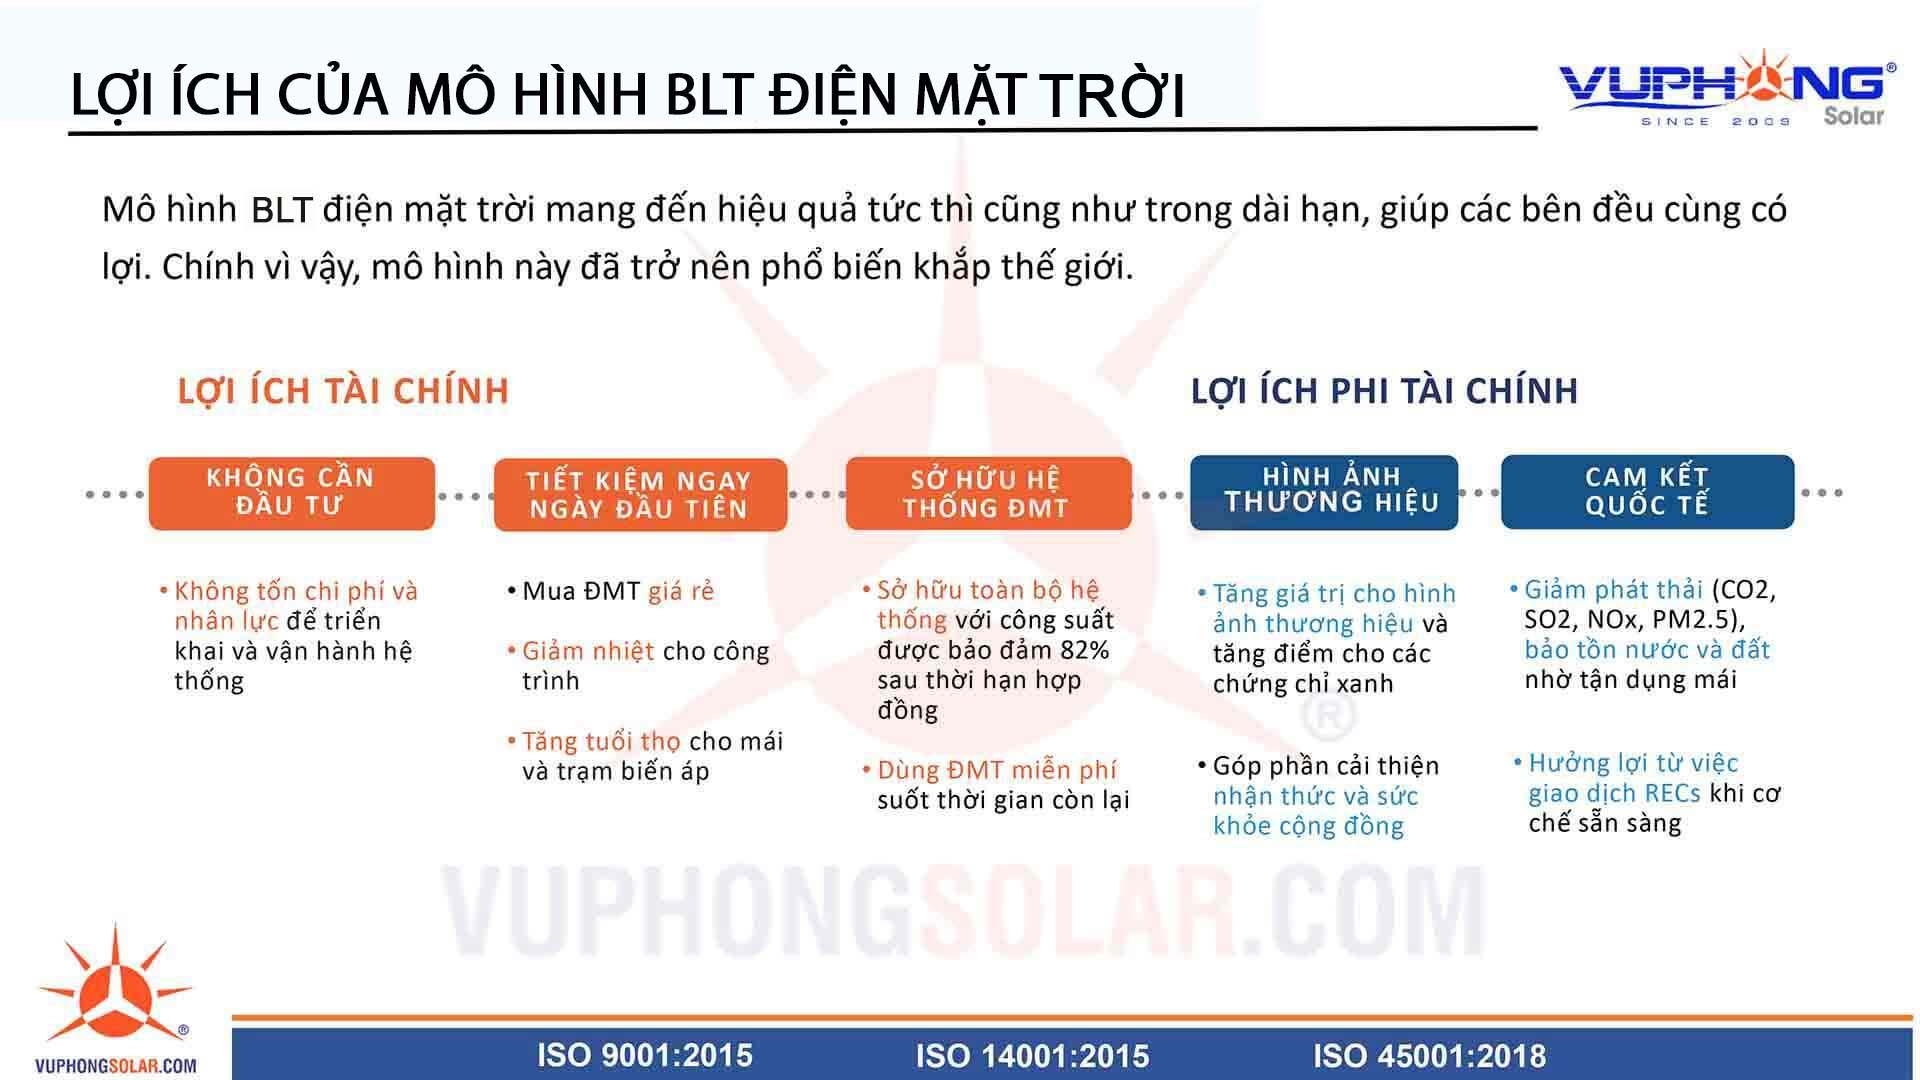 mo-hinh-blt-dien-mat-troi